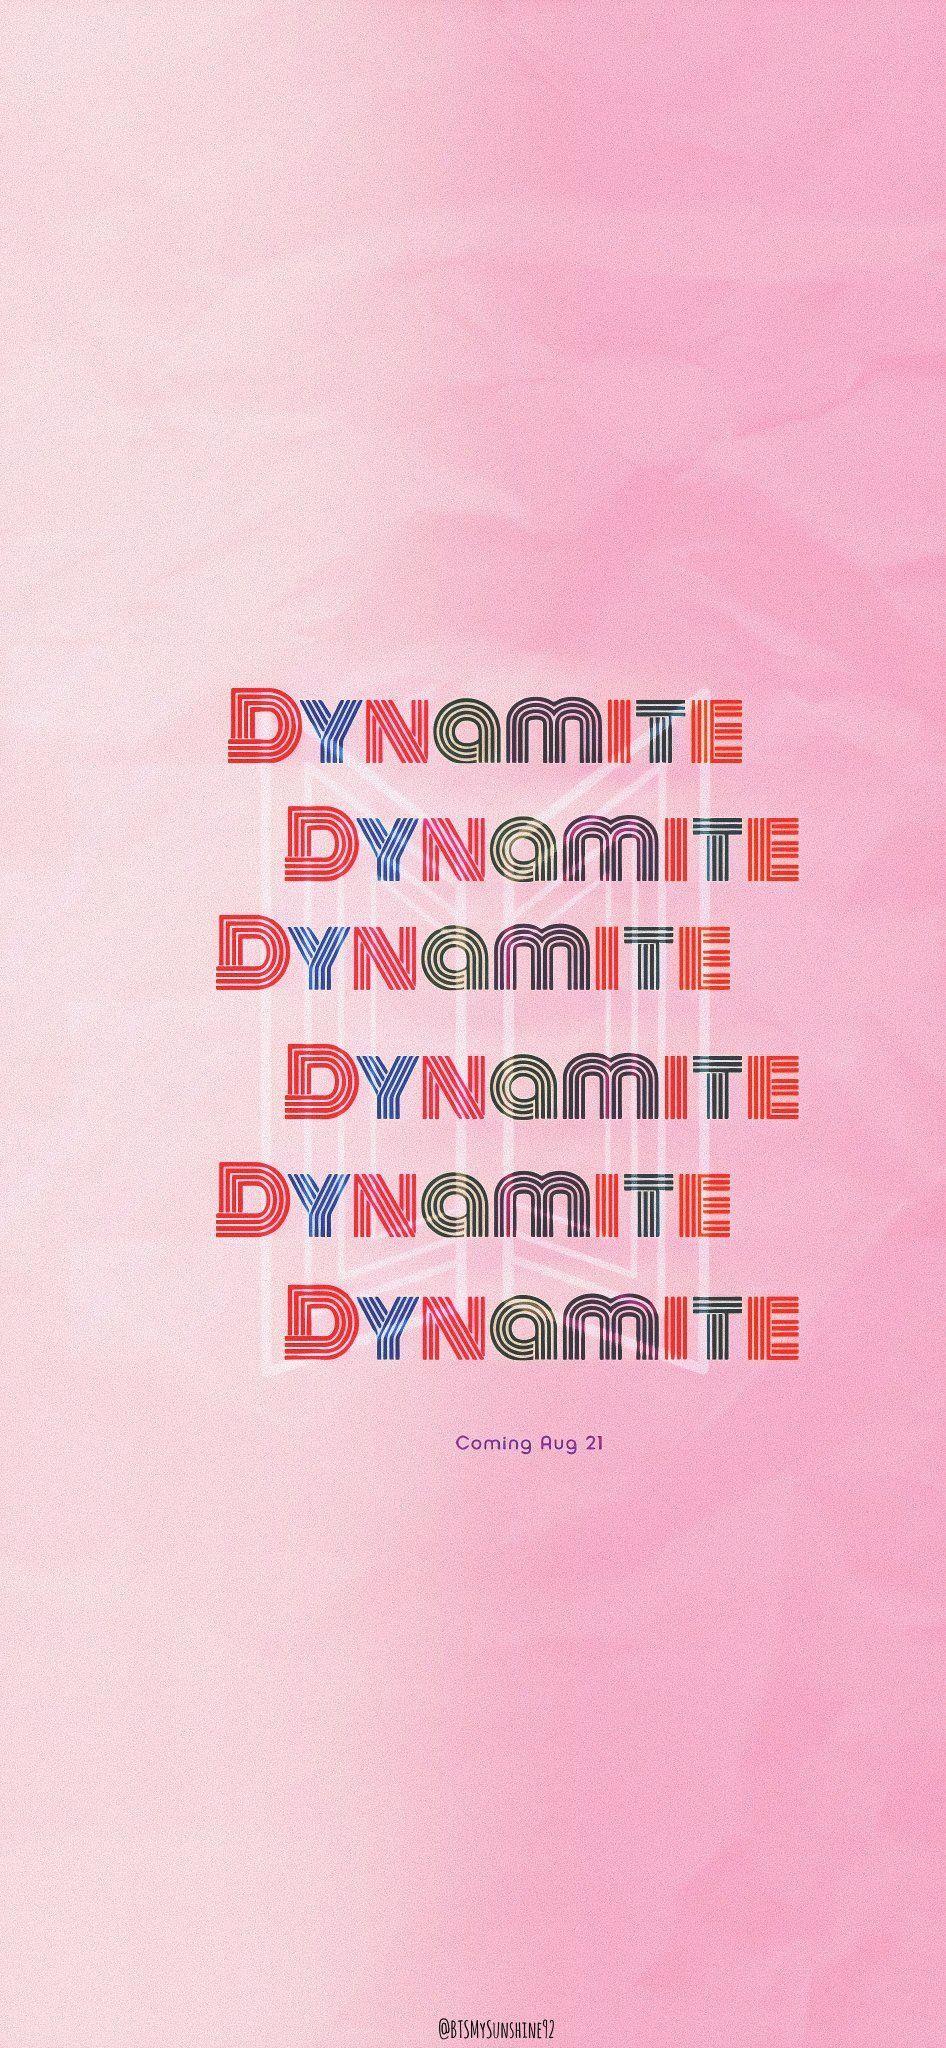 Dynamite In 2020 Bts Wallpaper Album Bts Bts Lockscreen